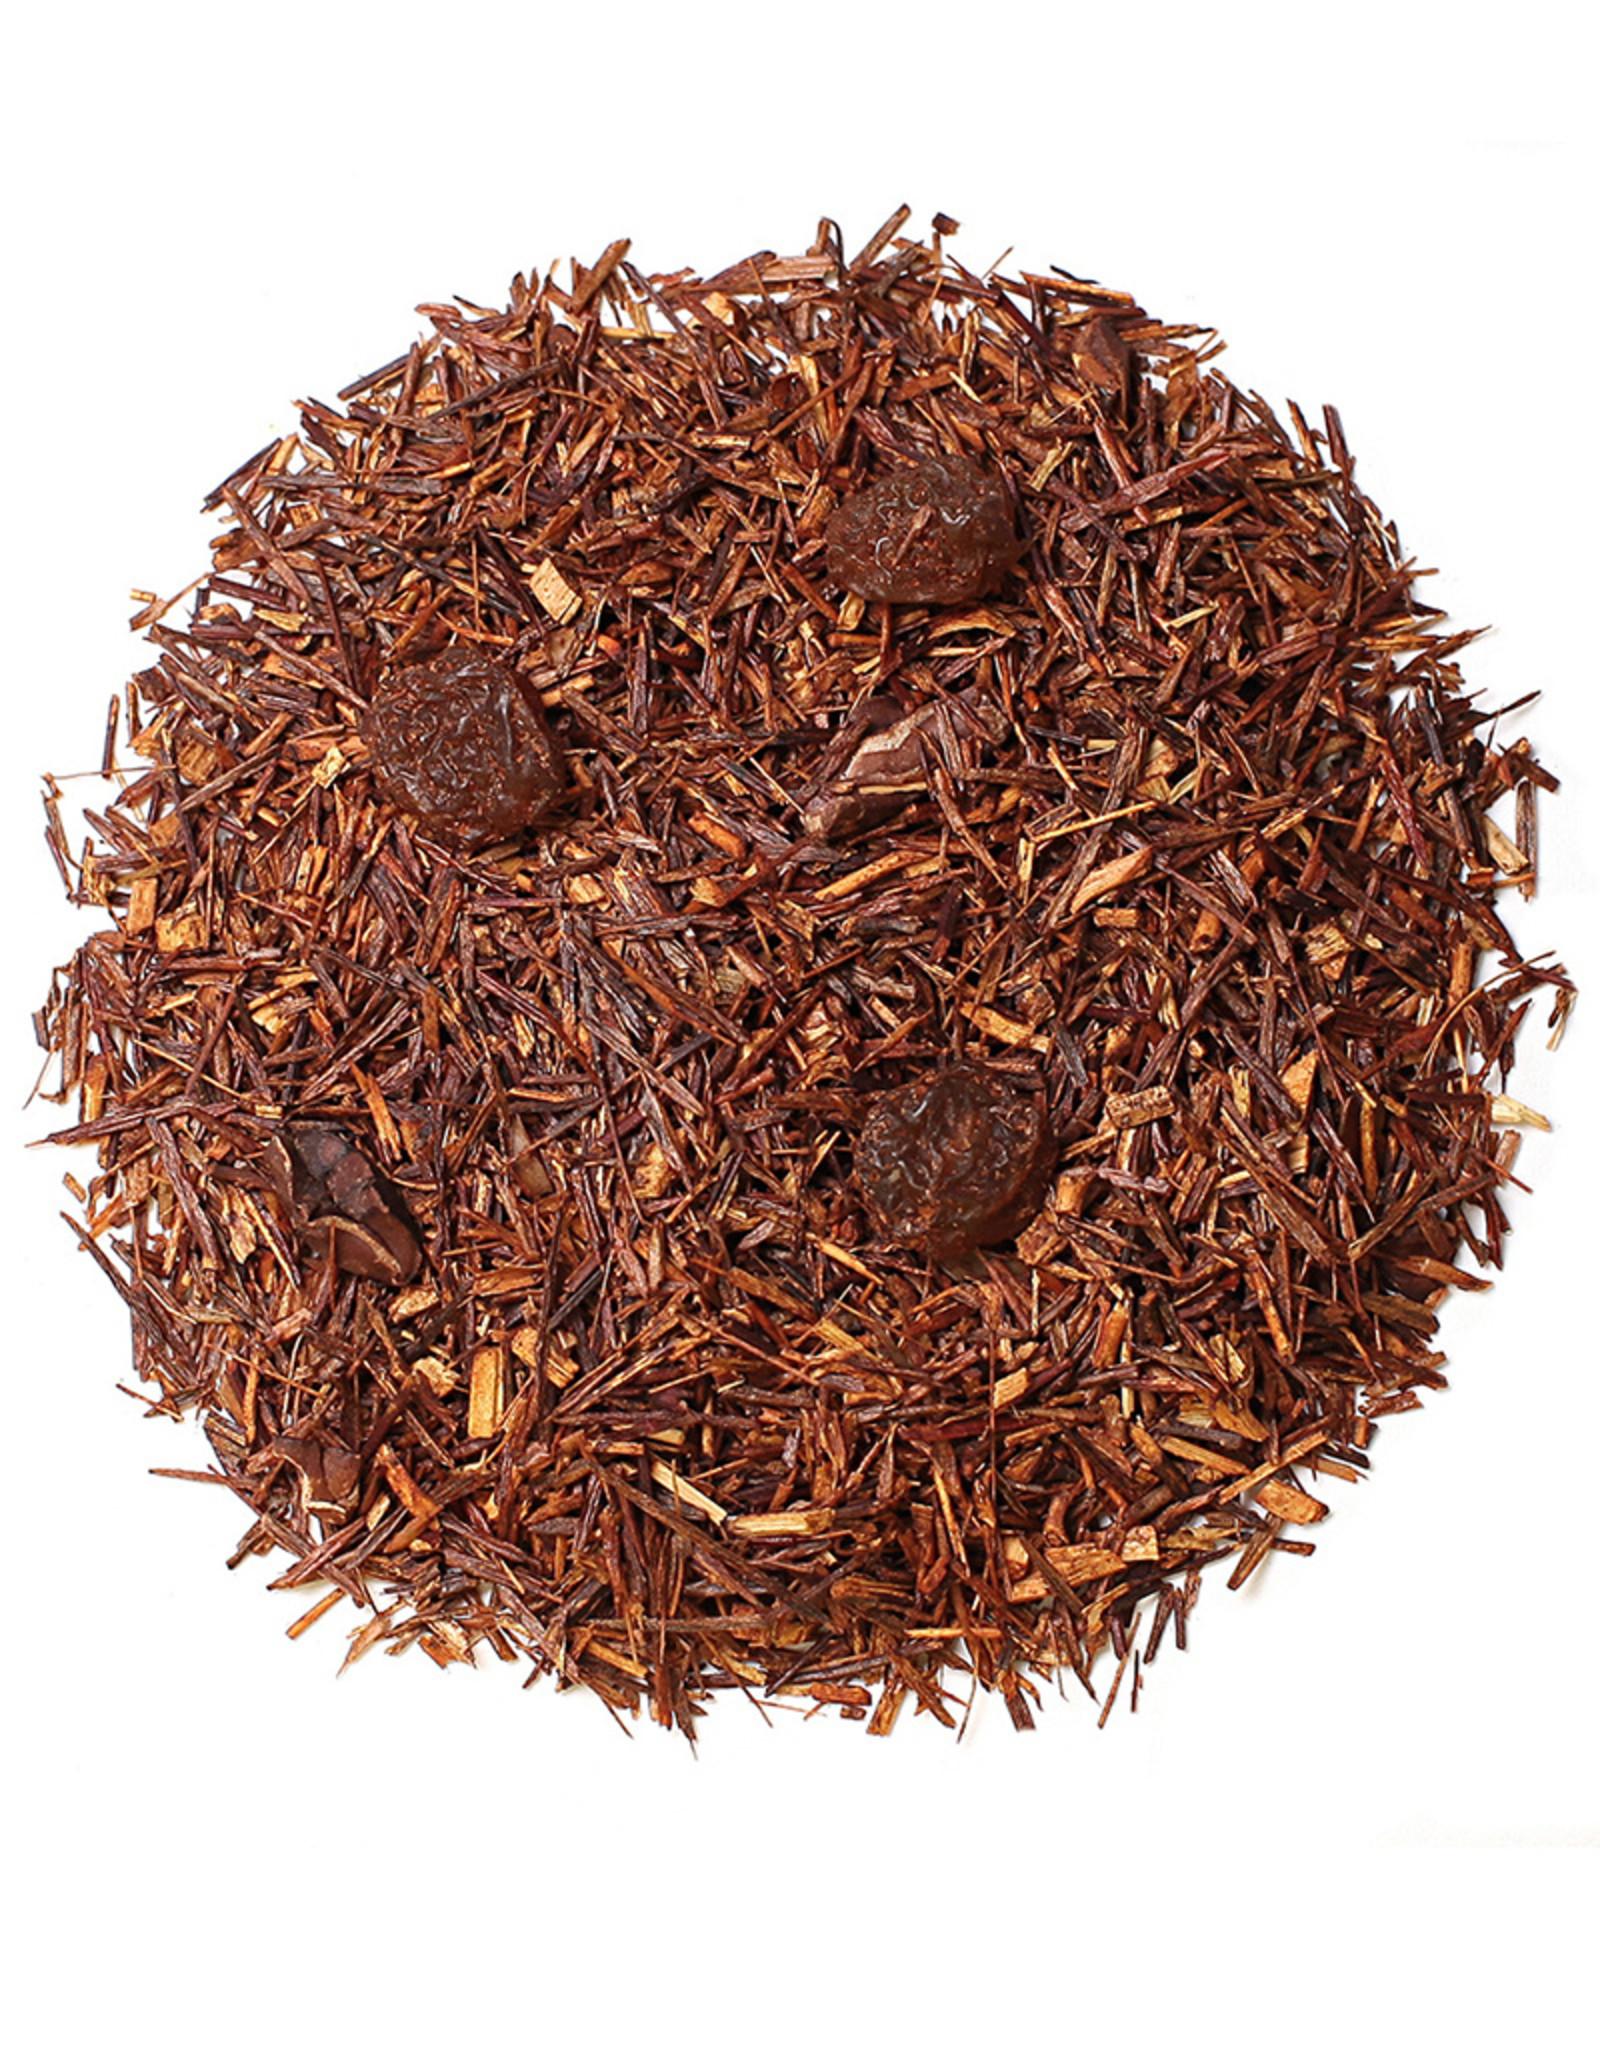 Or Tea? African Affairs - Rooibos met cacao